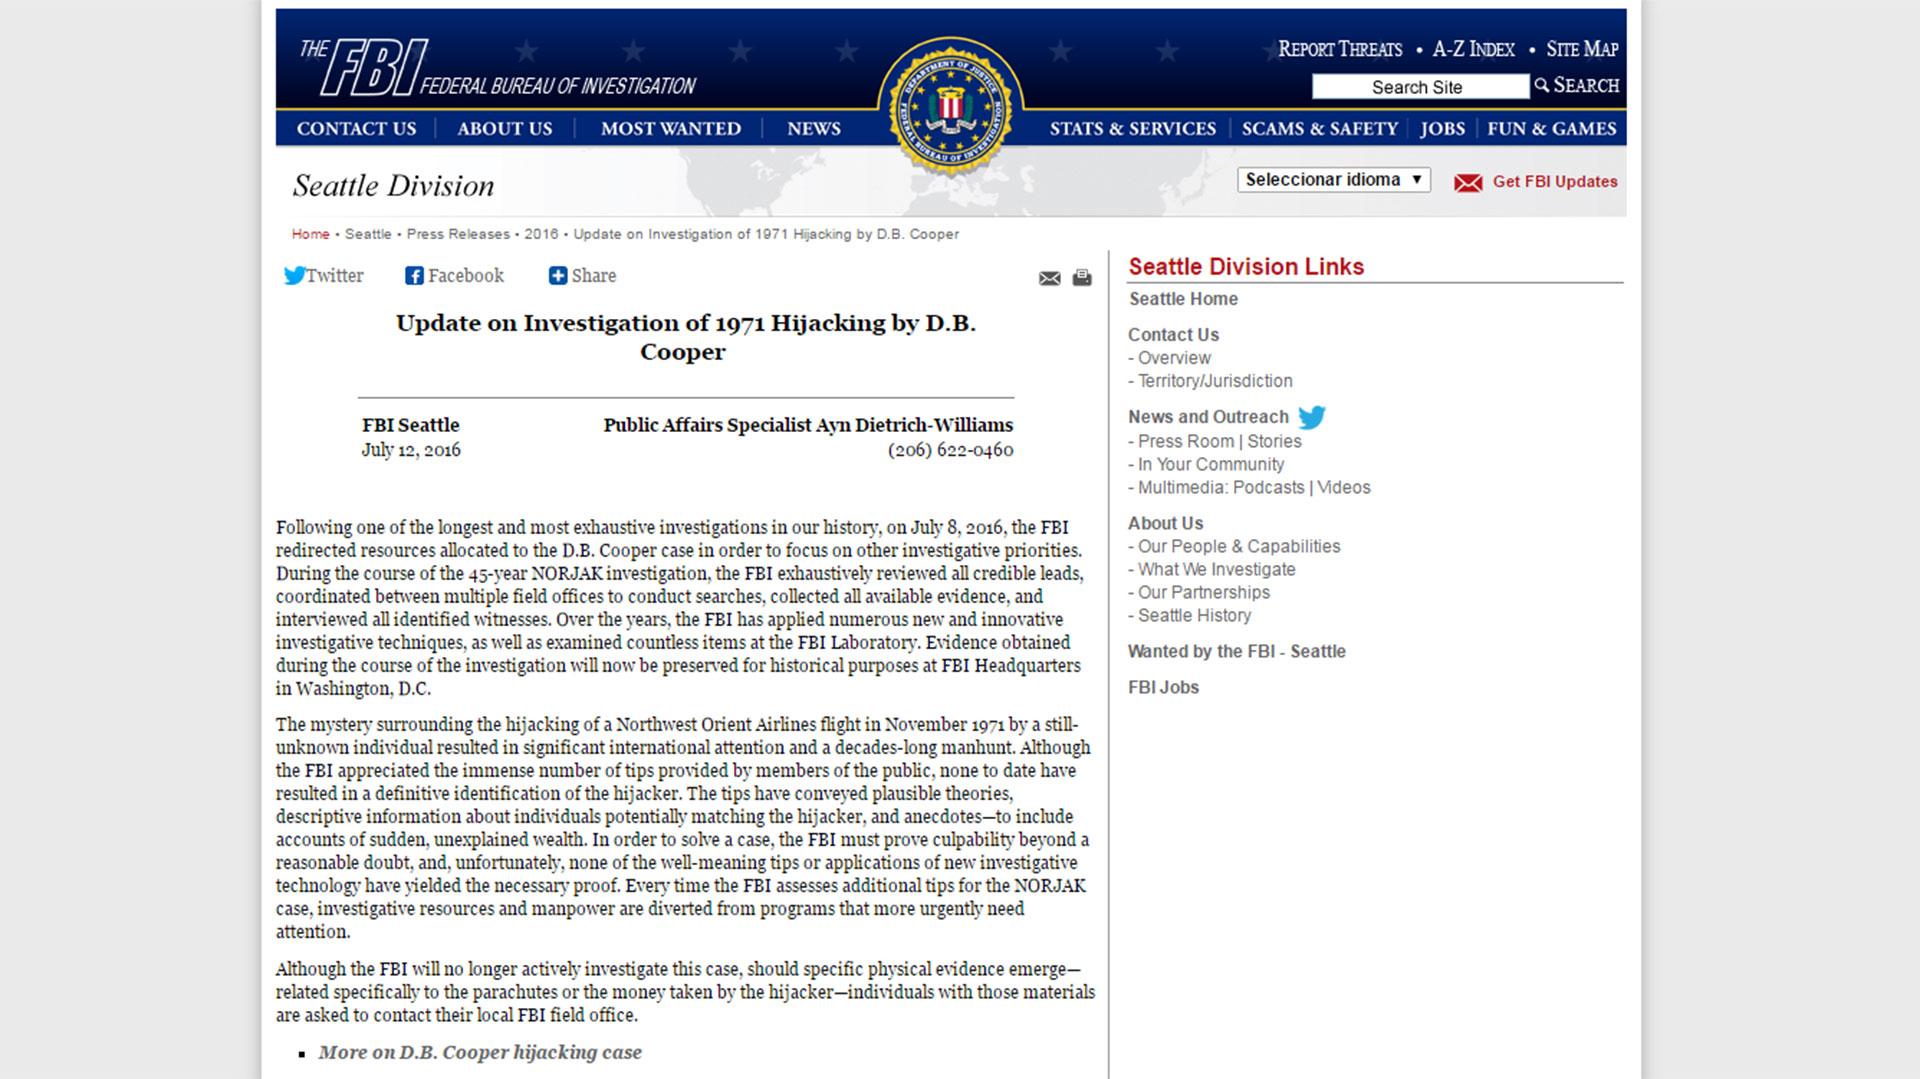 El comunicado del FBI del 12 de julio de 2016